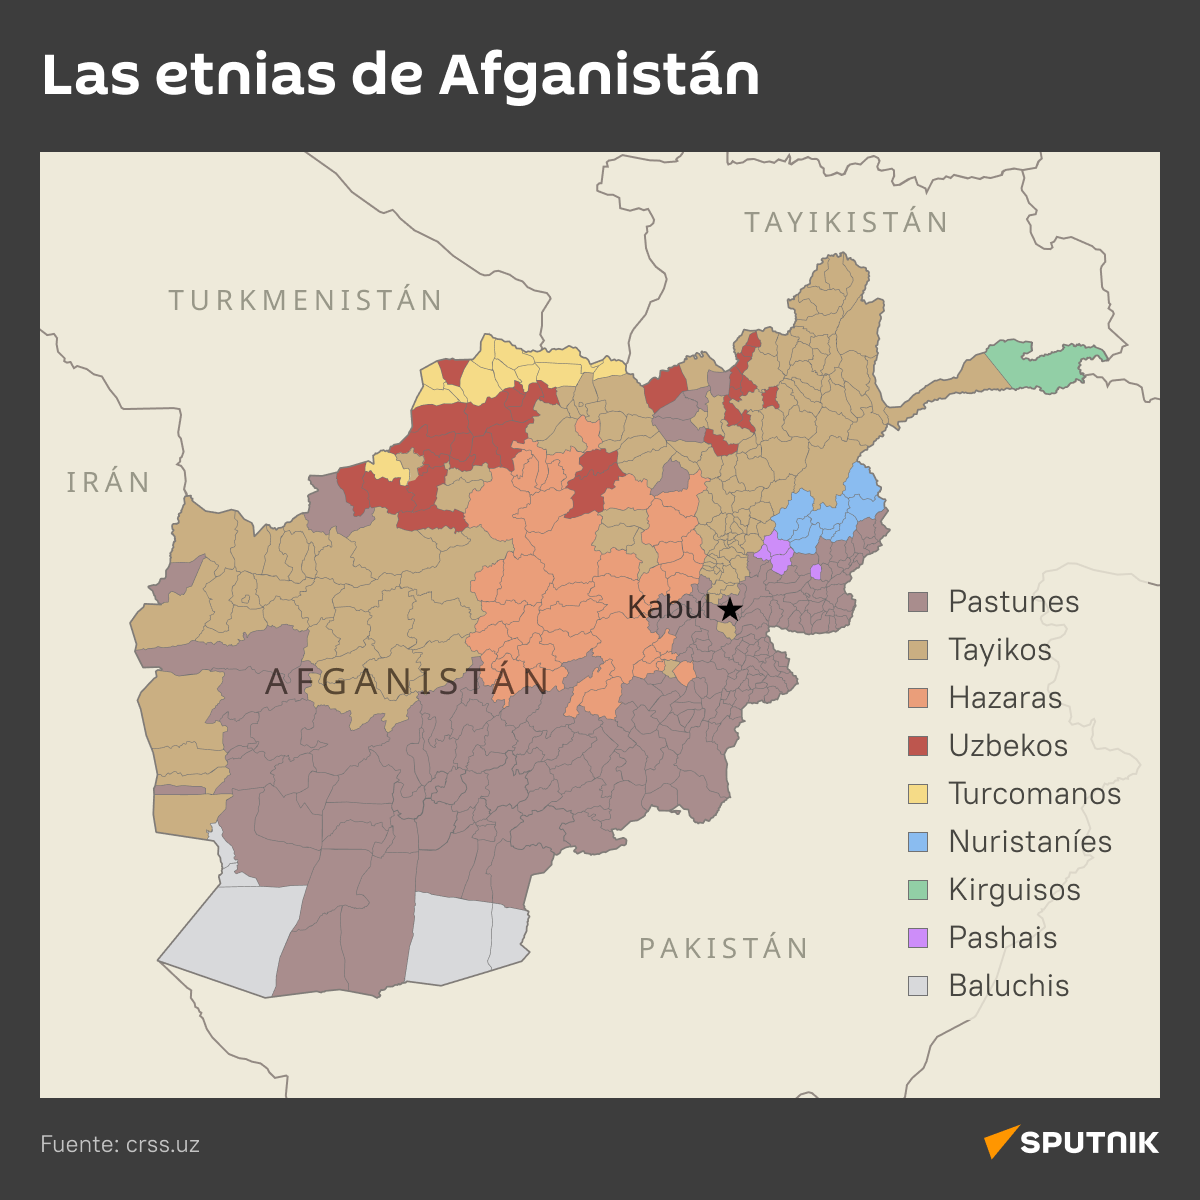 Las etnias de Afganistán - Sputnik Mundo